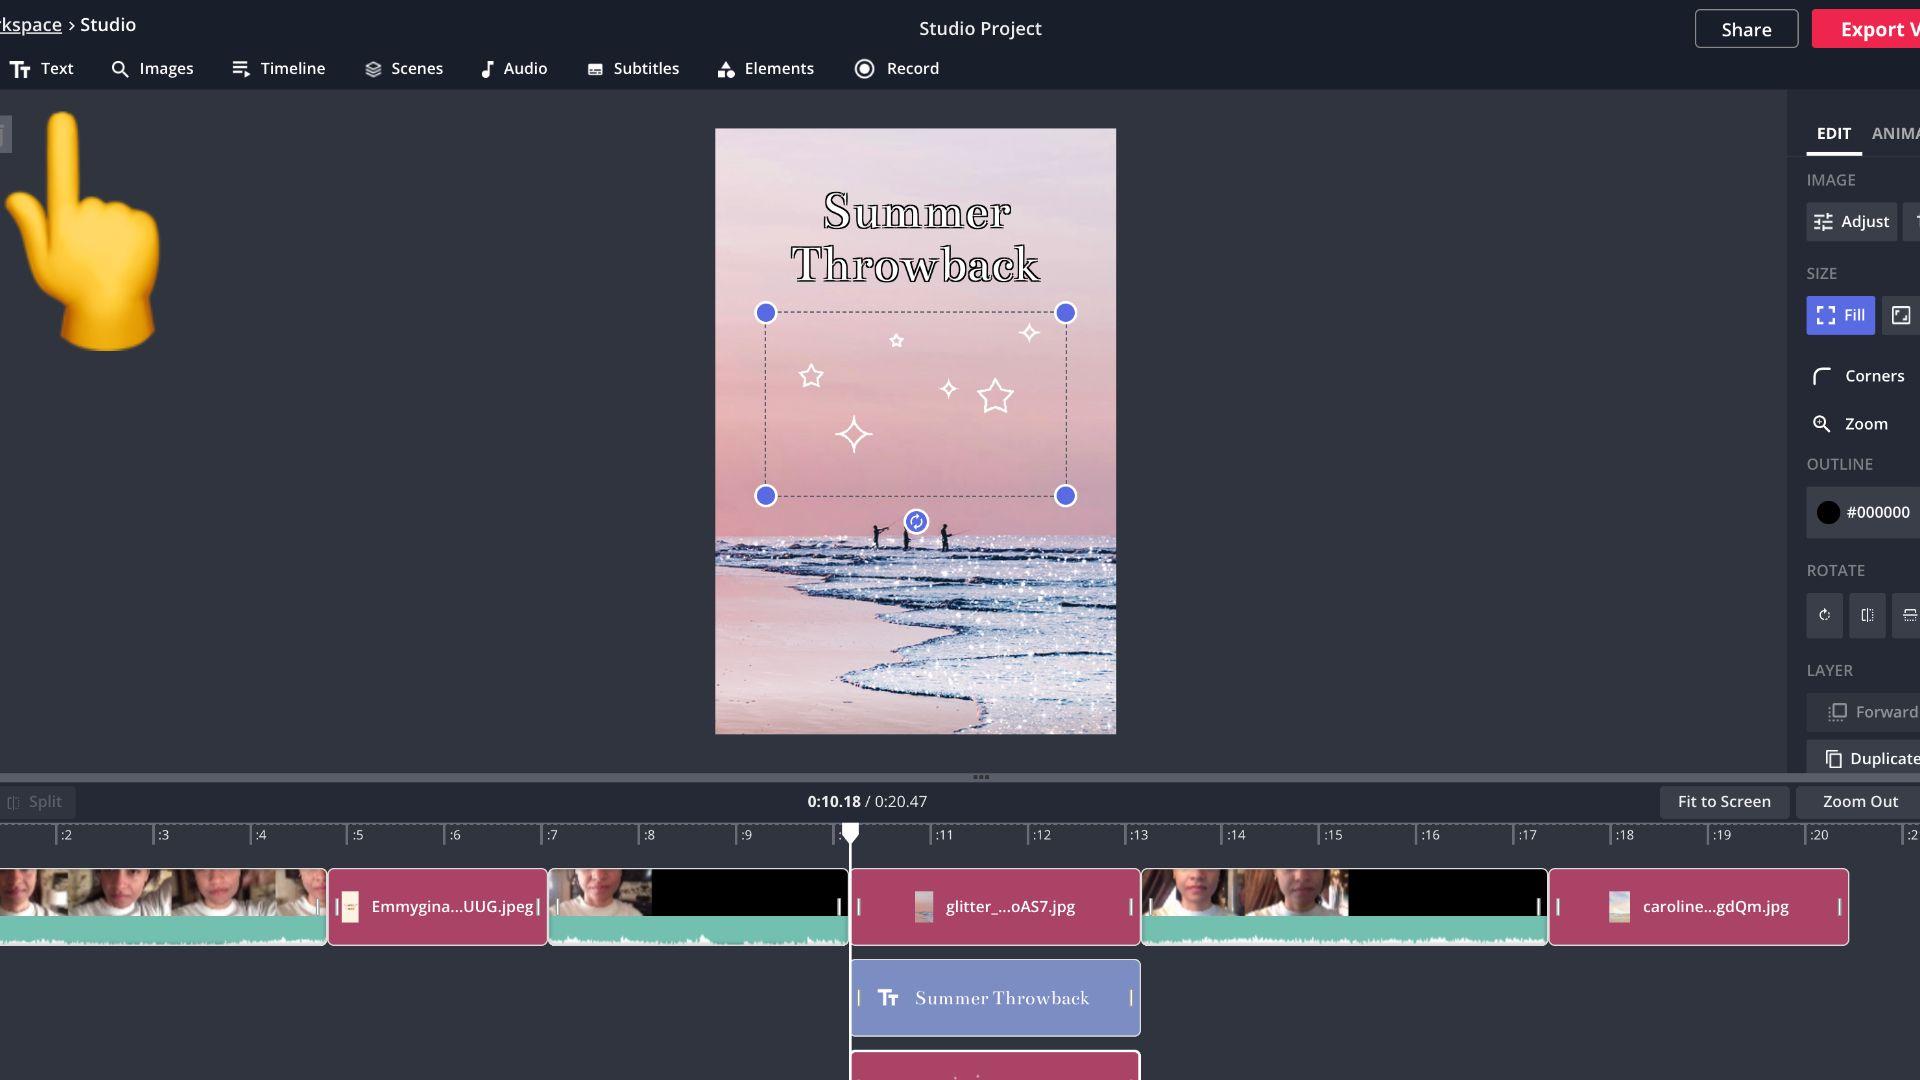 captura de pantalla de Kapwing Studio con un emoji de dedo apuntando a la pestaña de texto